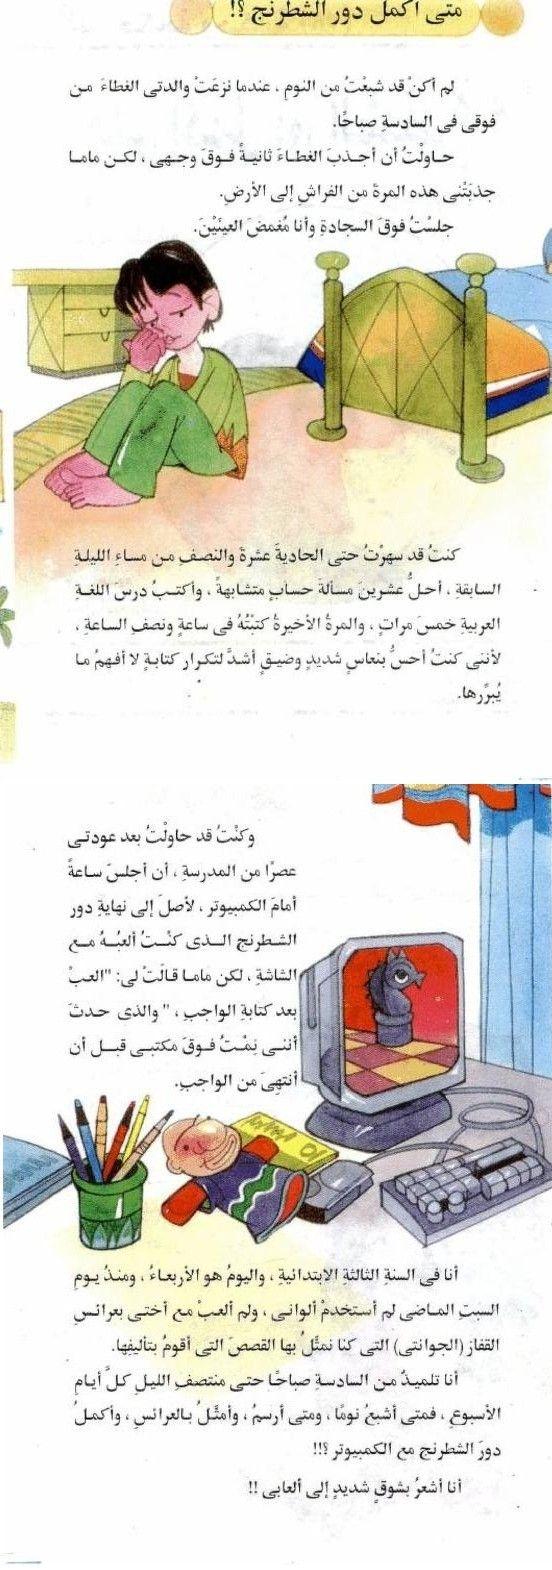 المطالعة المبهجة زهرات من الوادي الخصيب و بقايا الورقات الخضر في الشجرة الجرداء Kids Education Learning Arabic School Hacks